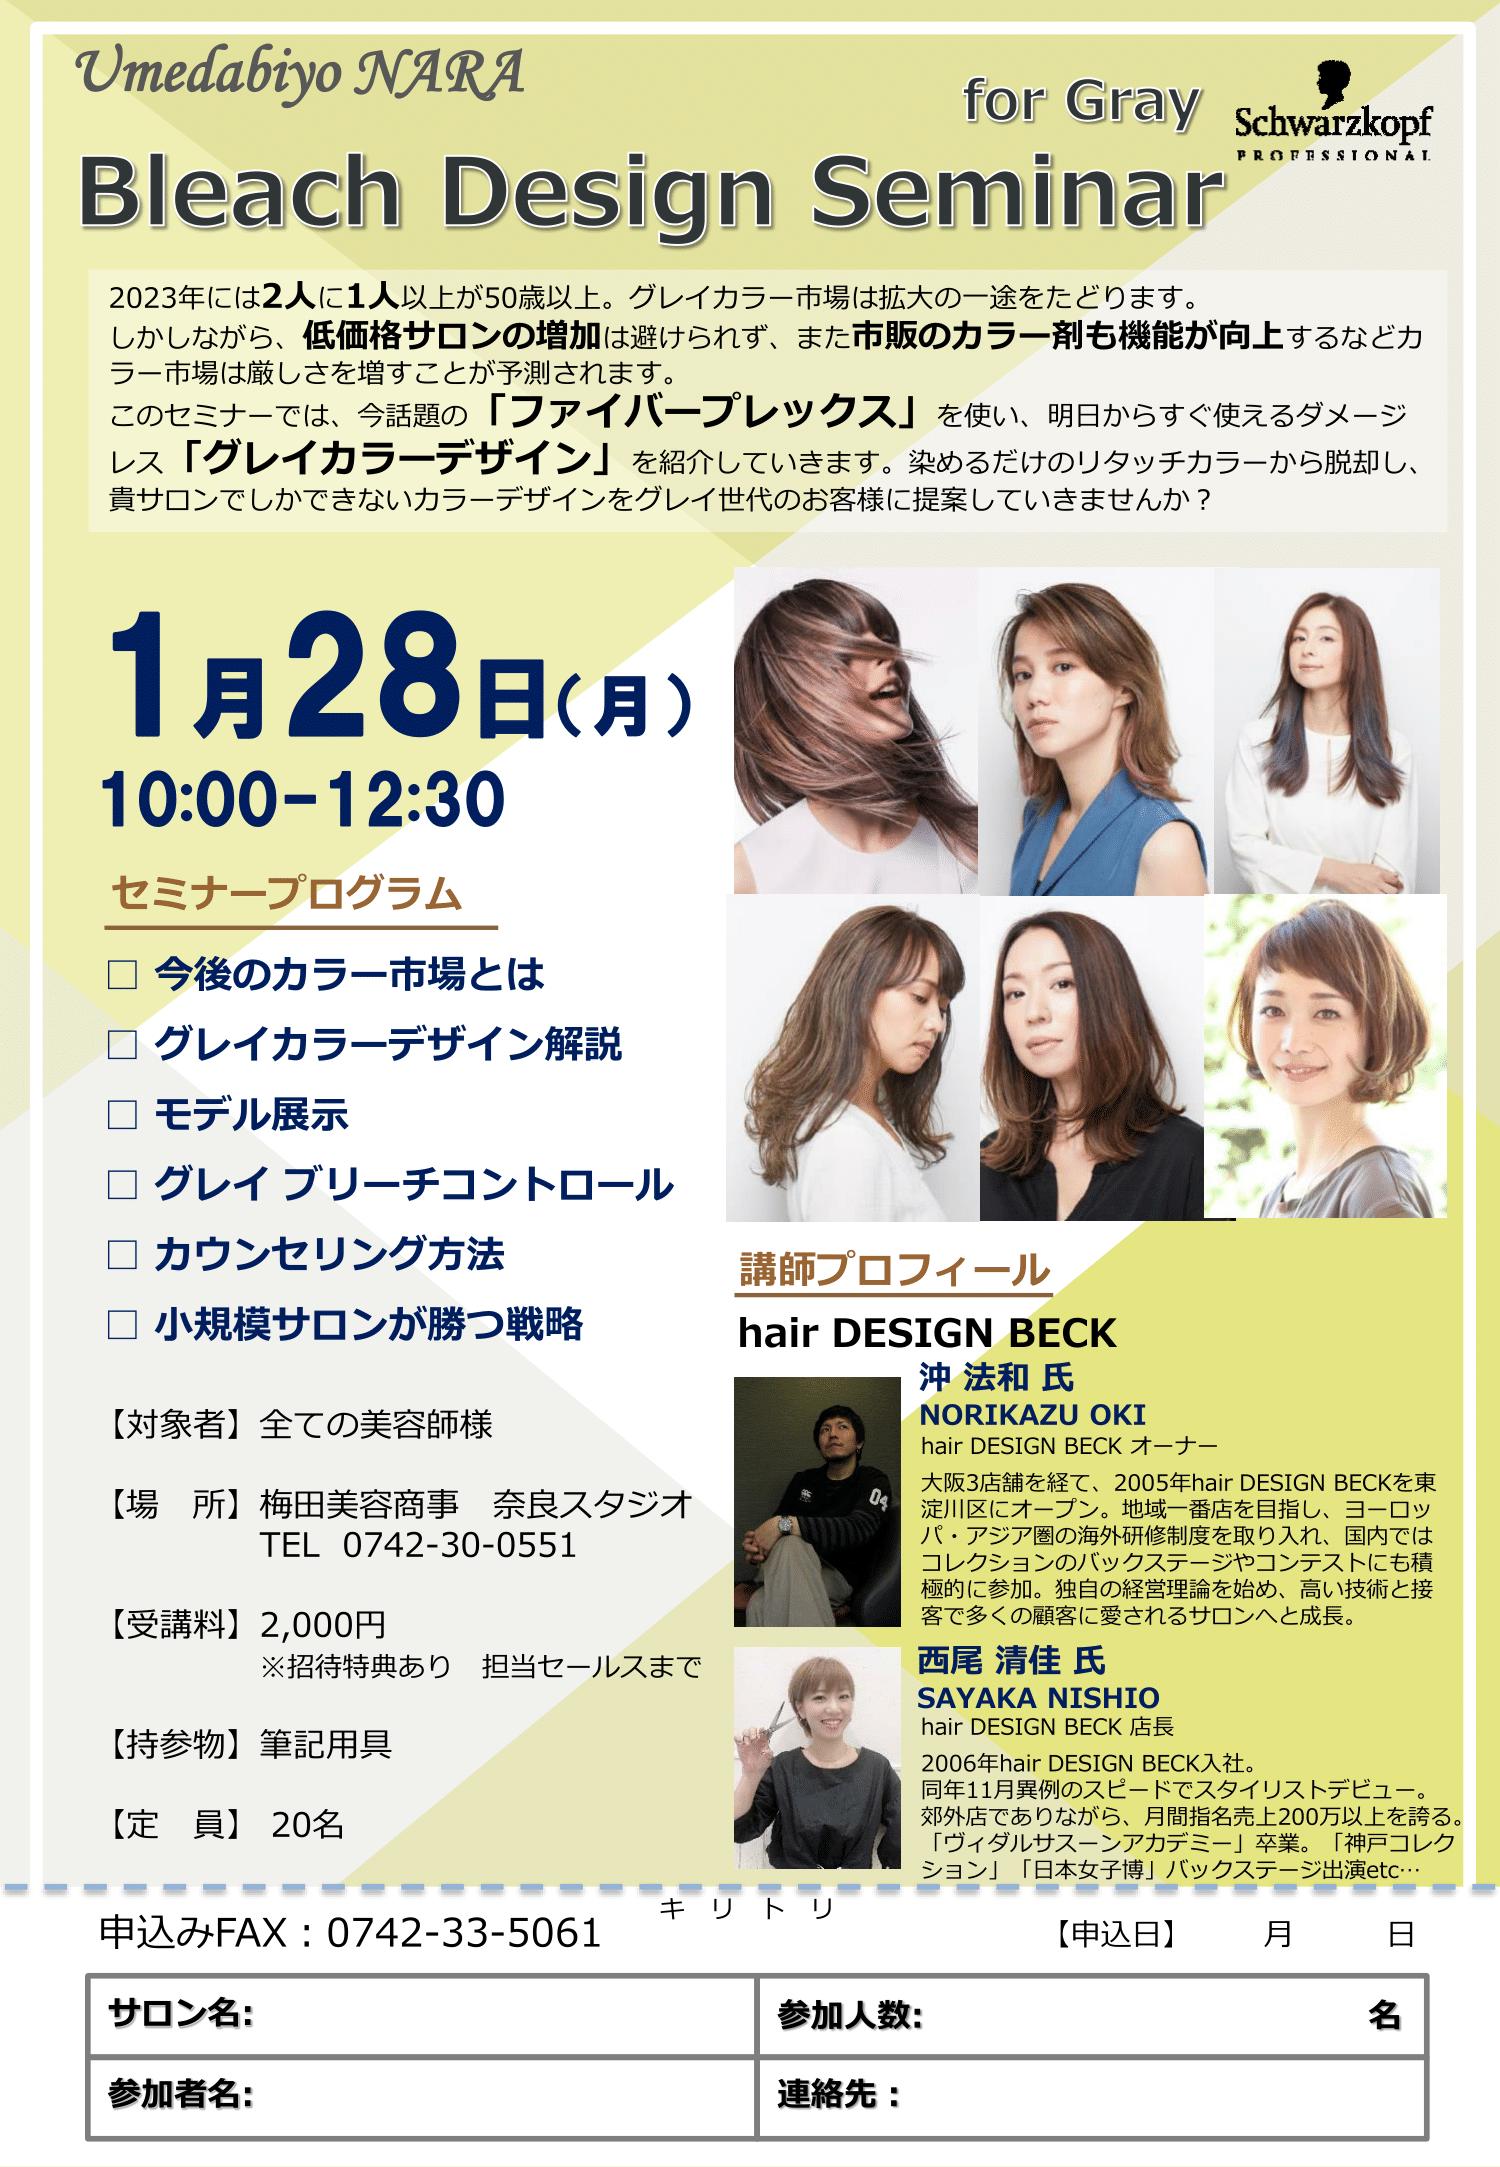 【奈良】ブリーチデザインセミナー